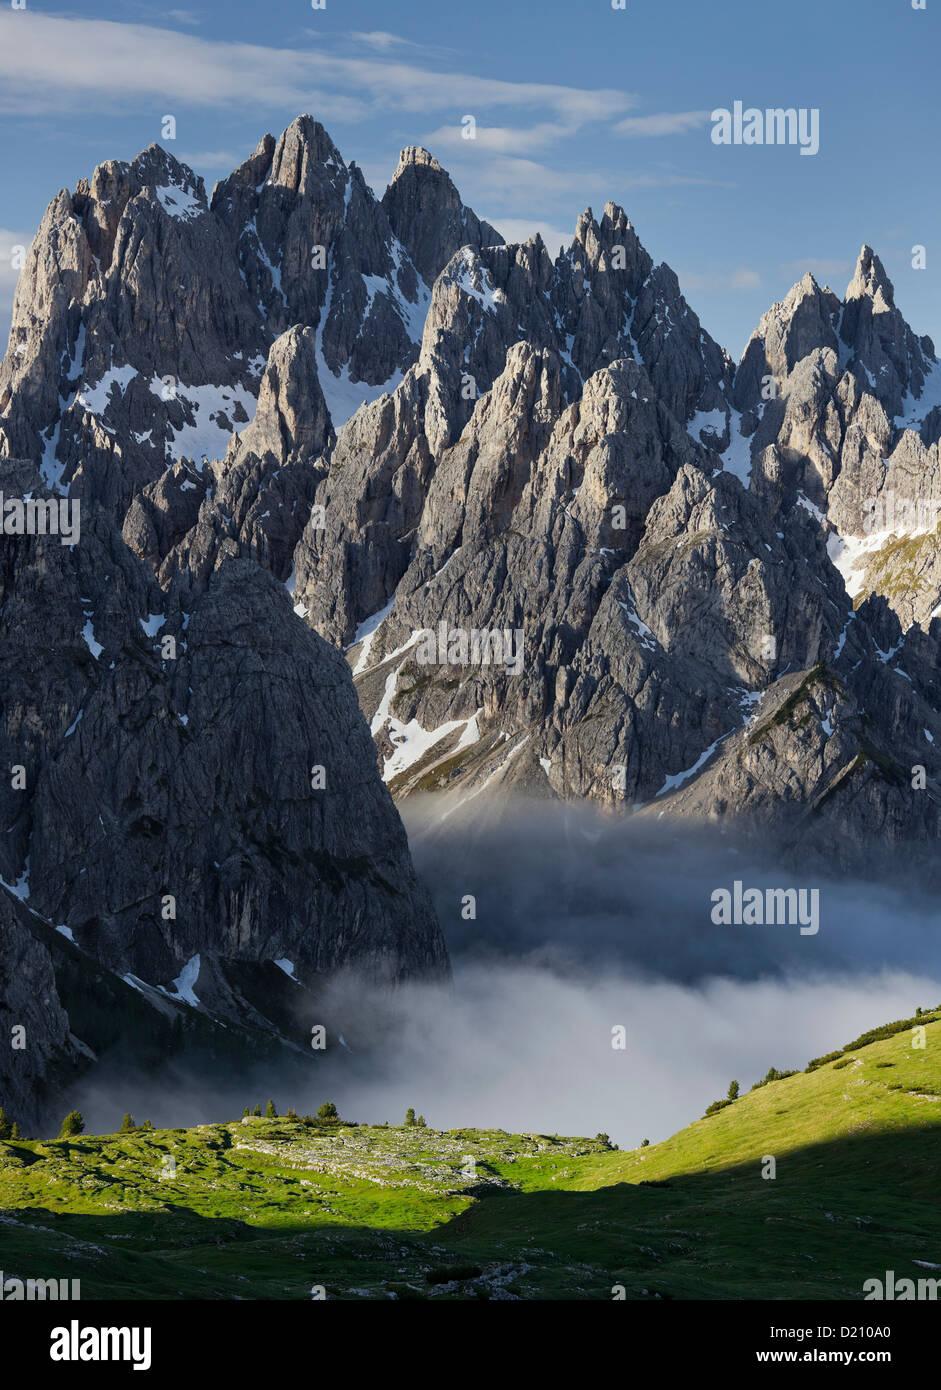 Cadini di Misurina, Belluno, Dolomites, Veneto, Italy - Stock Image